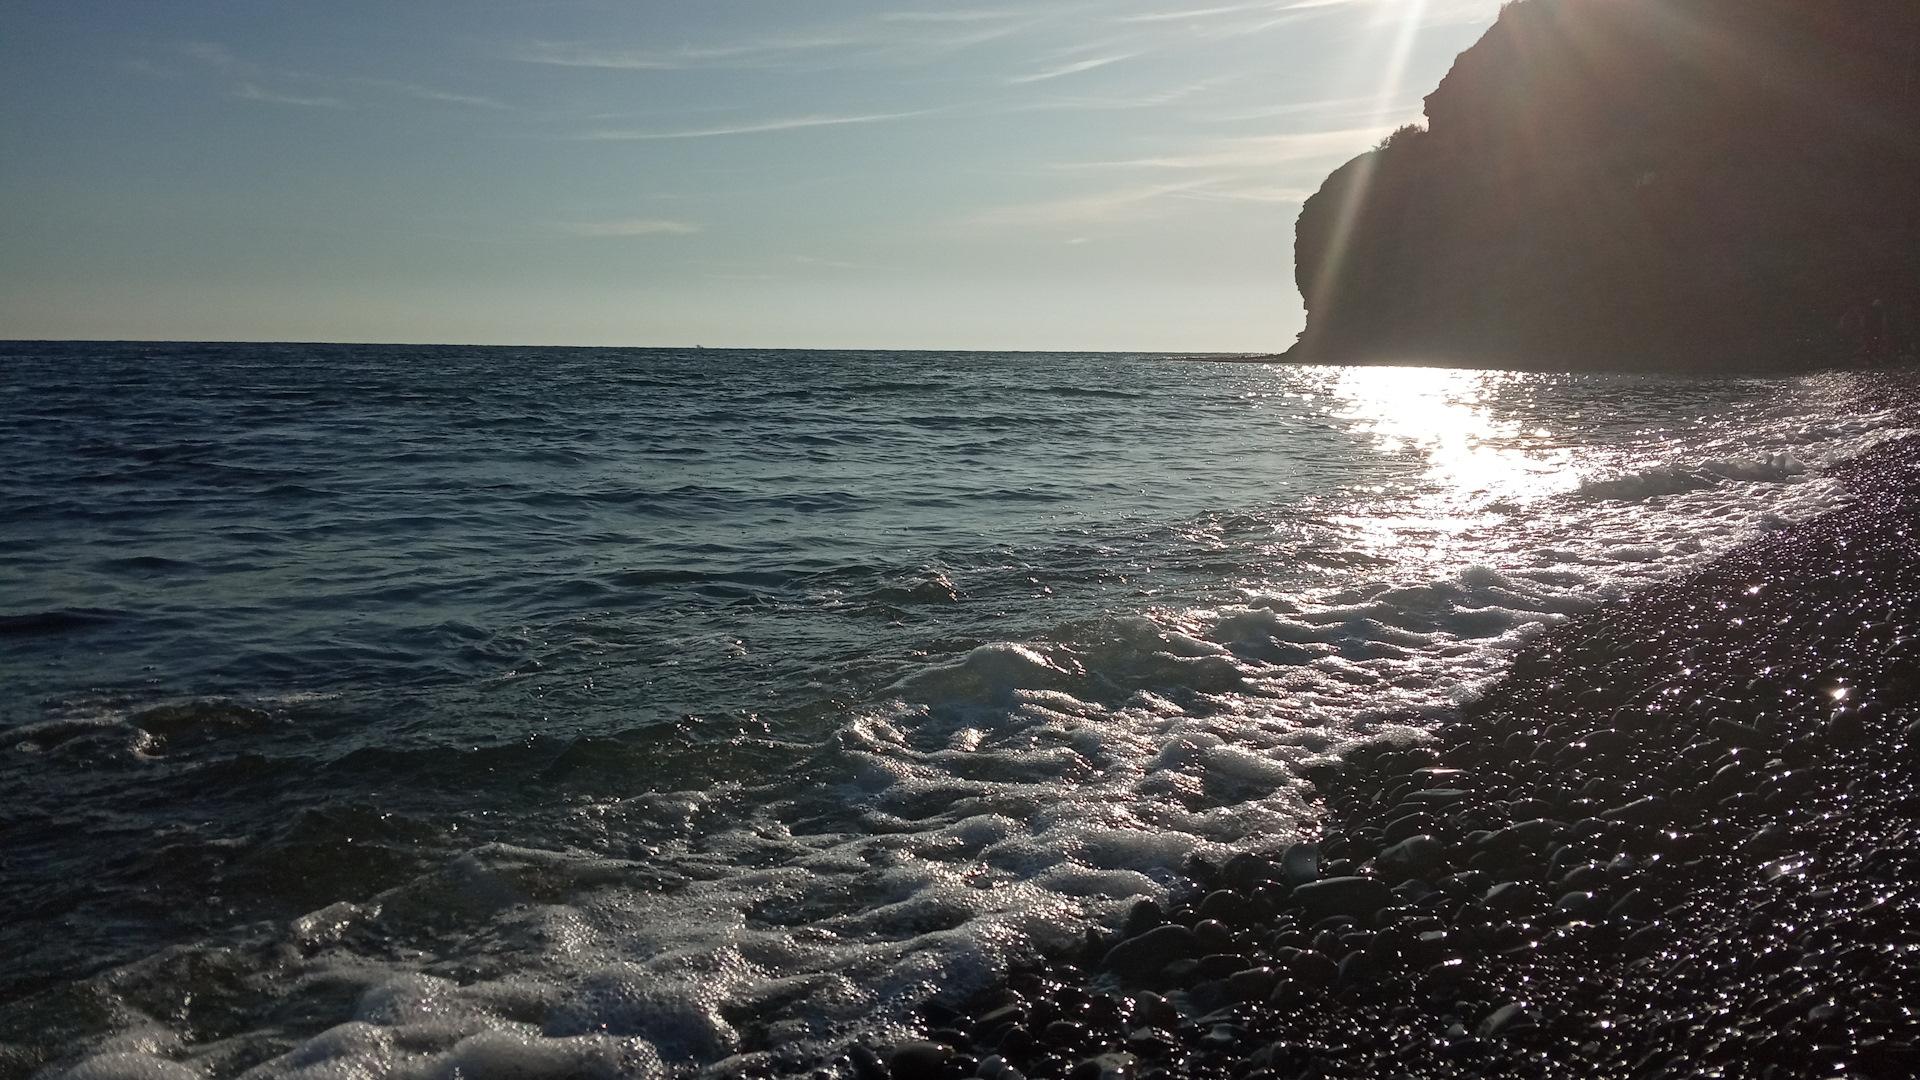 говяжья картинки запах моря иногда